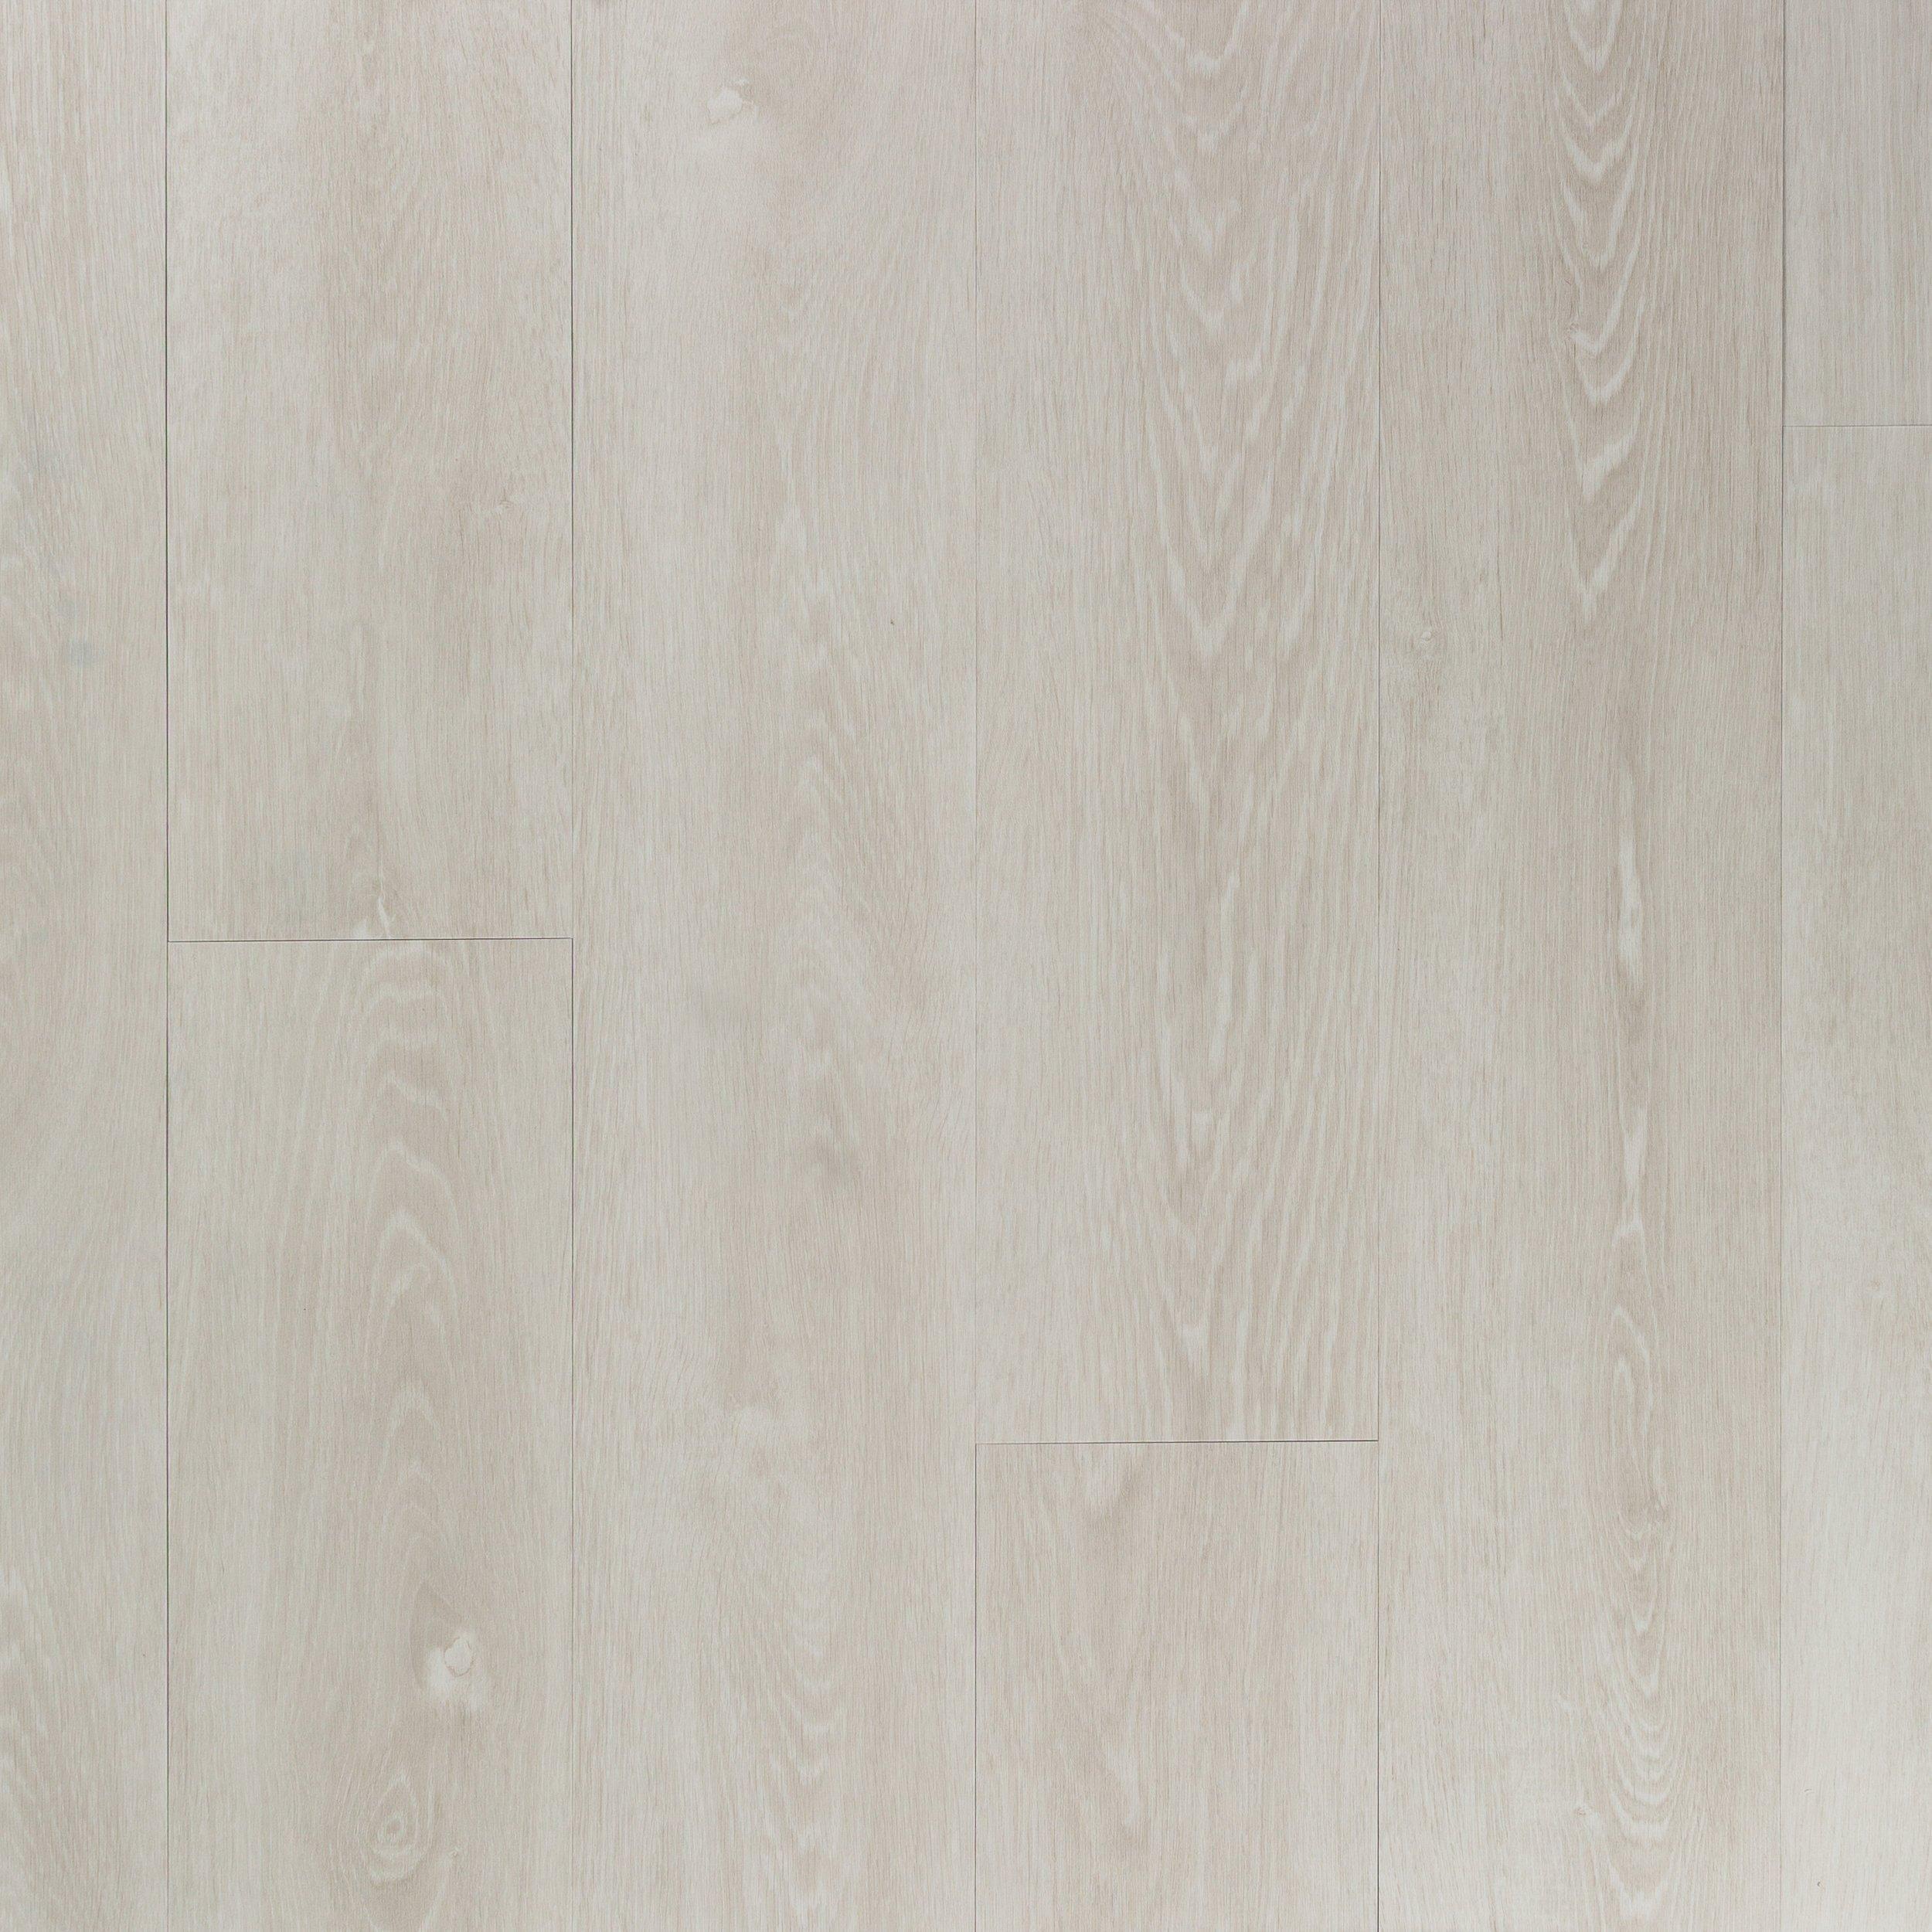 Washed Oak Luxury Vinyl Plank Maple Laminate Flooring Luxury Vinyl Tile Vinyl Flooring